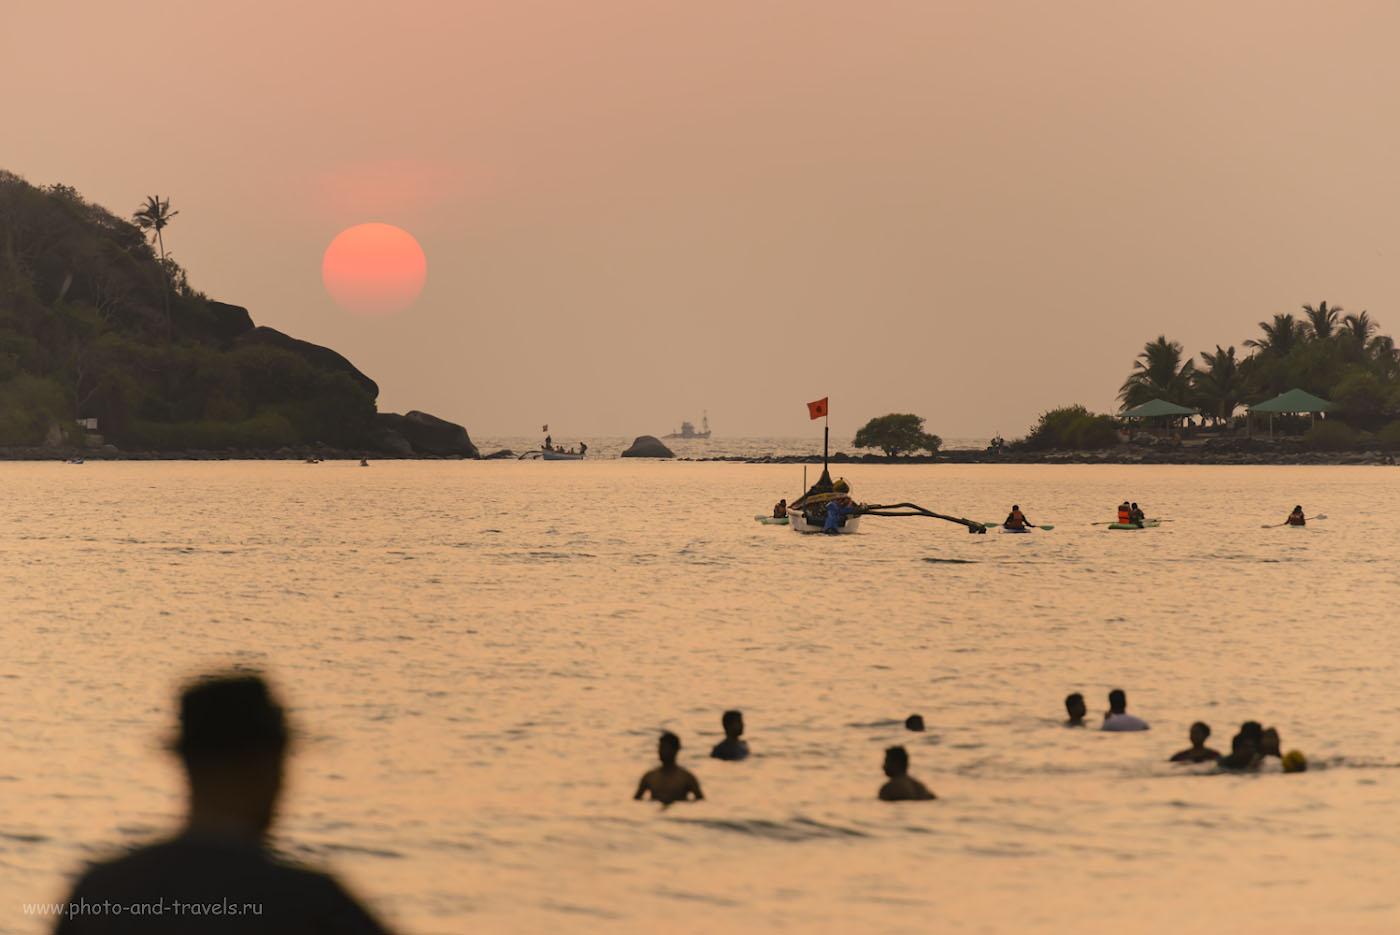 Фотография 20. Невероятные закаты на Гоа. Отзывы туристов о поездке в Индию на отдых «дикарями». 1/640, +0.33, 4.0, 800, 280.